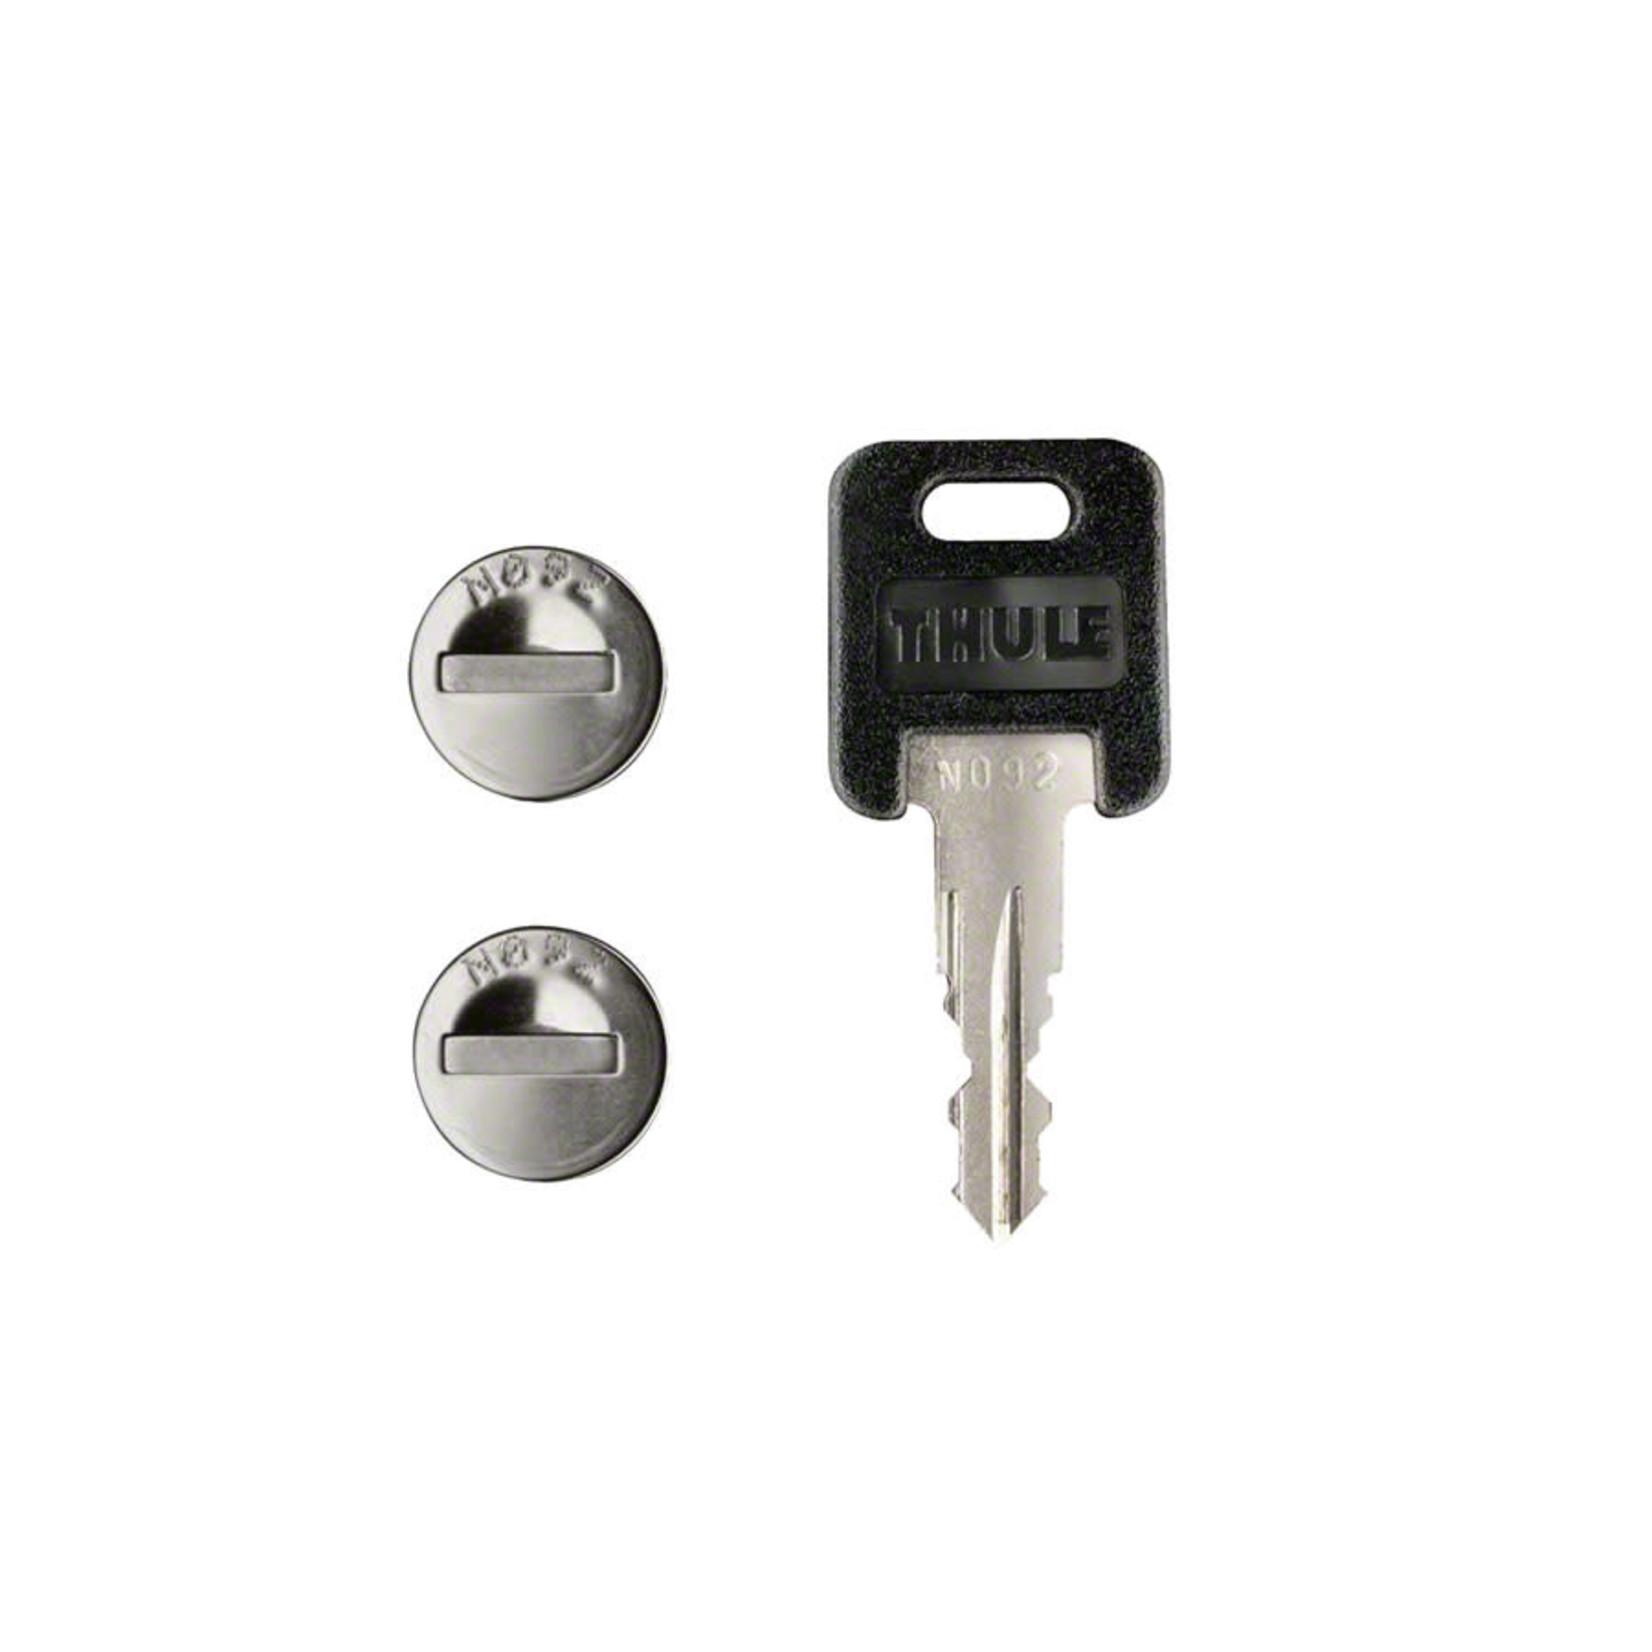 Thule Thule 588 Keyed-Alike Lock Cores: 8-Pack